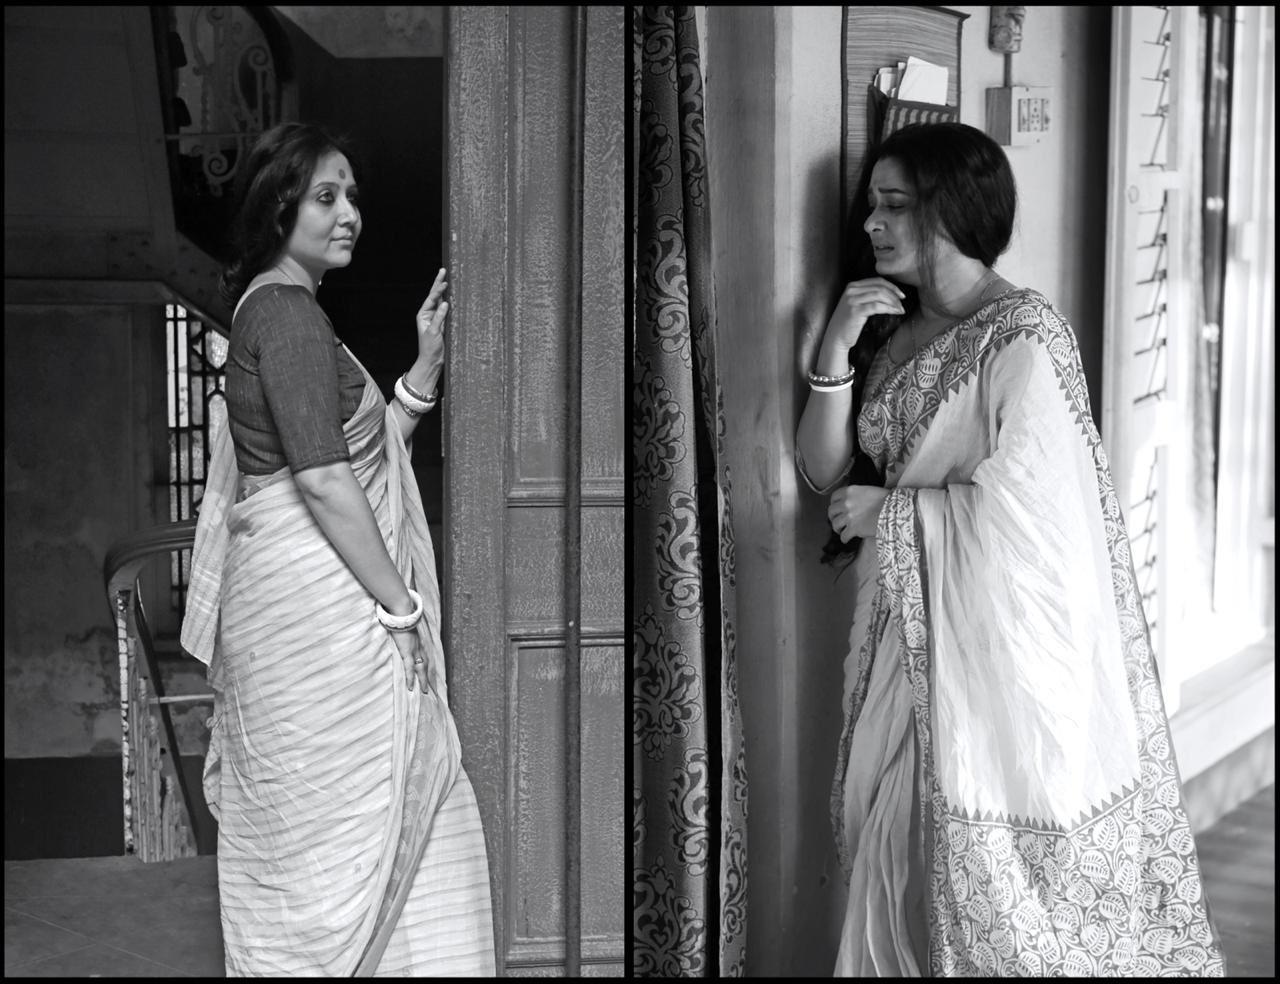 মোহমায়া (হইচই)- দুই নারীর জীবনের গল্প নিয়ে এগিয়েছে 'মোহমায়া'-র গল্প। ছবির পরিচালনায় কমলেশ্বর মুখোপাধ্যায়। অভিনয়ে স্বস্তিকা মুখোপাধ্যায় ও অনন্যা চট্টোপাধ্যায়। অভিনয় কতে দেখা যাবে বিপুল পাত্রকে। অতীতের মায়া, ভবিষ্যতের মোহের লড়াই। ছকভাঙার গল্প ও রহস্য-রোমাঞ্চে মোড়া।